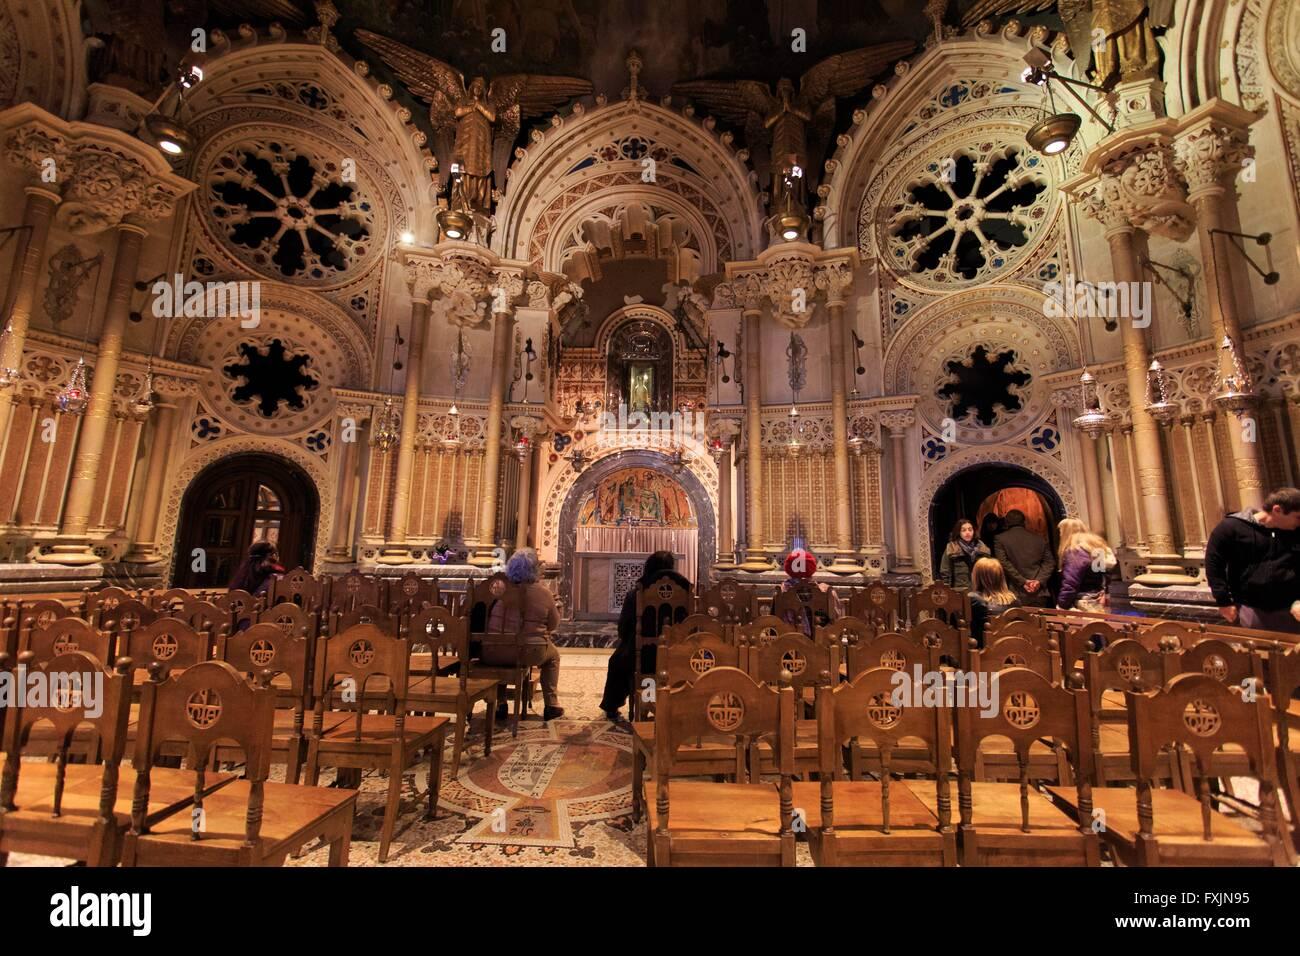 Eine kleine Kapelle innerhalb der wichtigsten Basilika des Klosters Montserrat in der Nähe von Barcelona, Spanien Stockbild